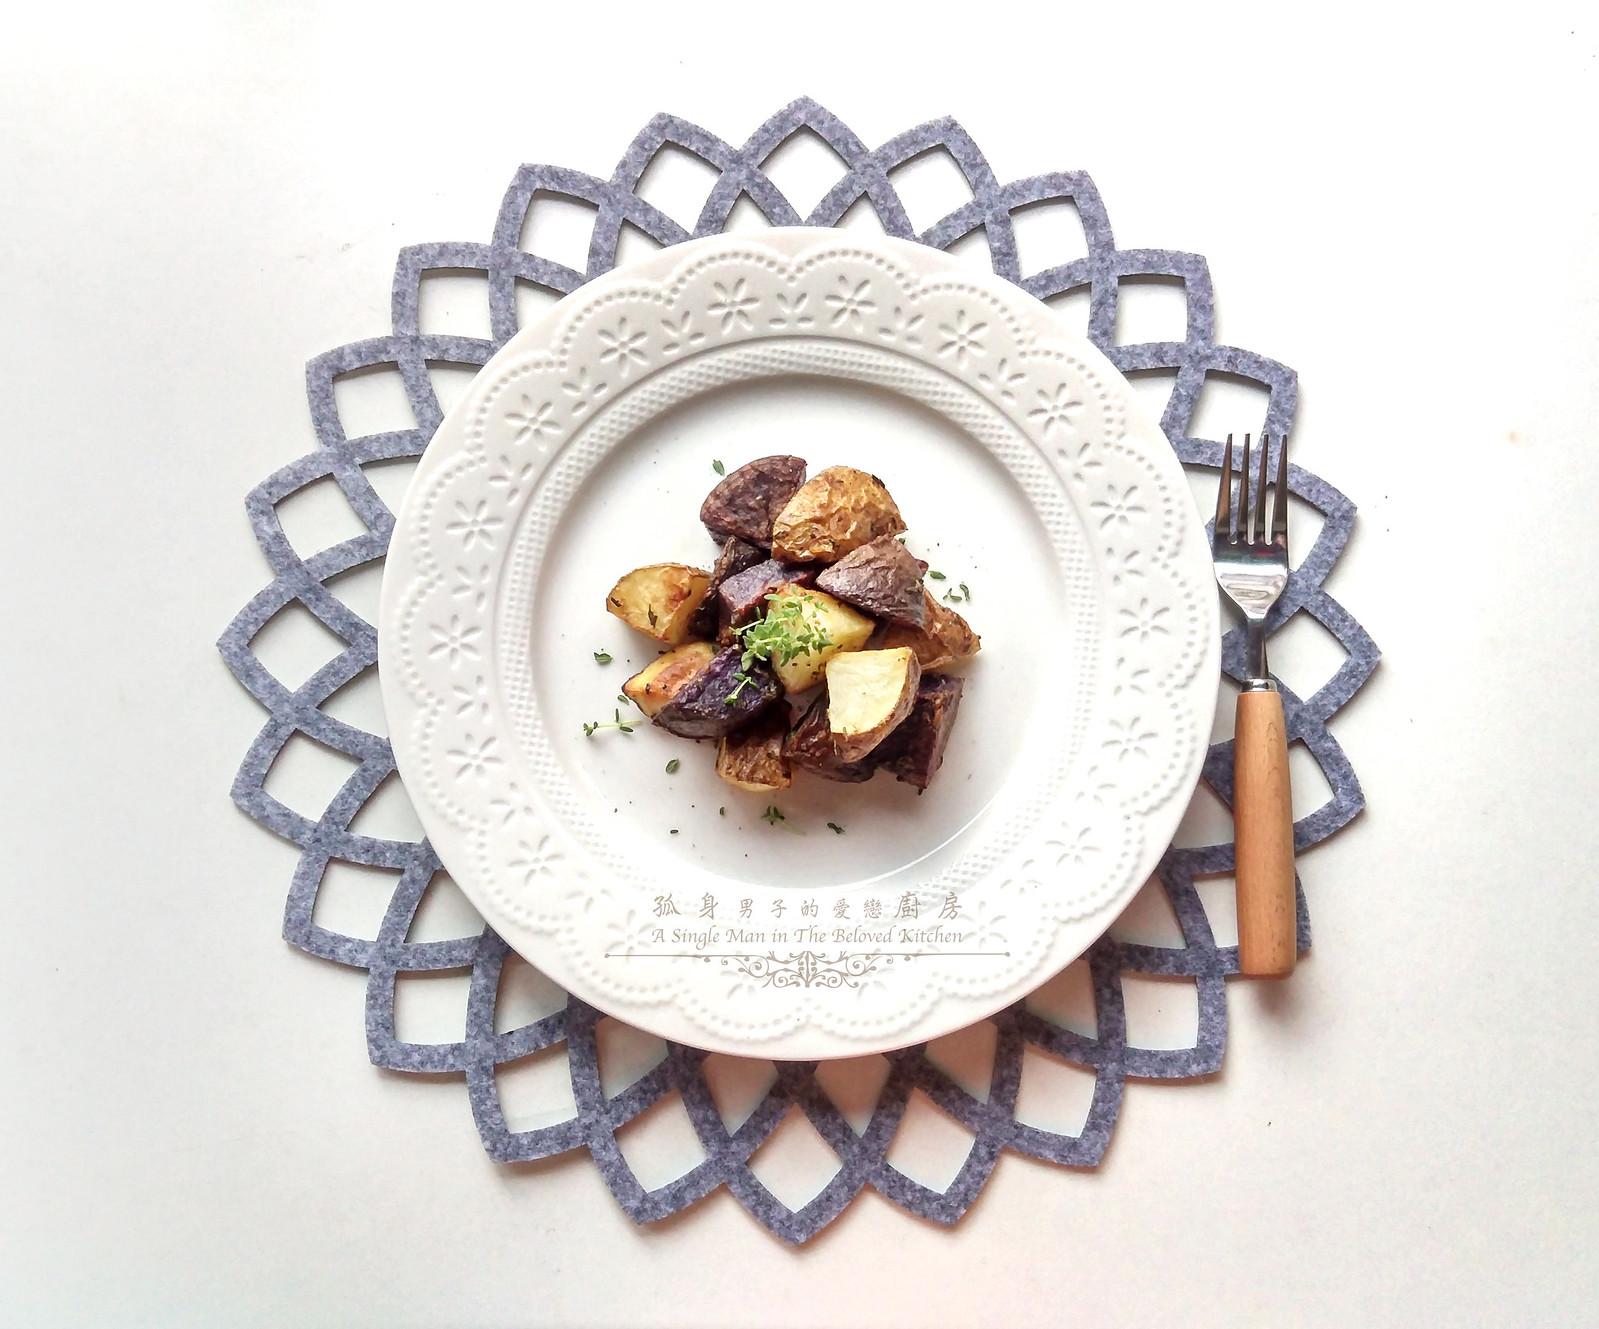 孤身廚房-香草烤雙色馬鈴薯──好吃又簡單的烤箱料理15